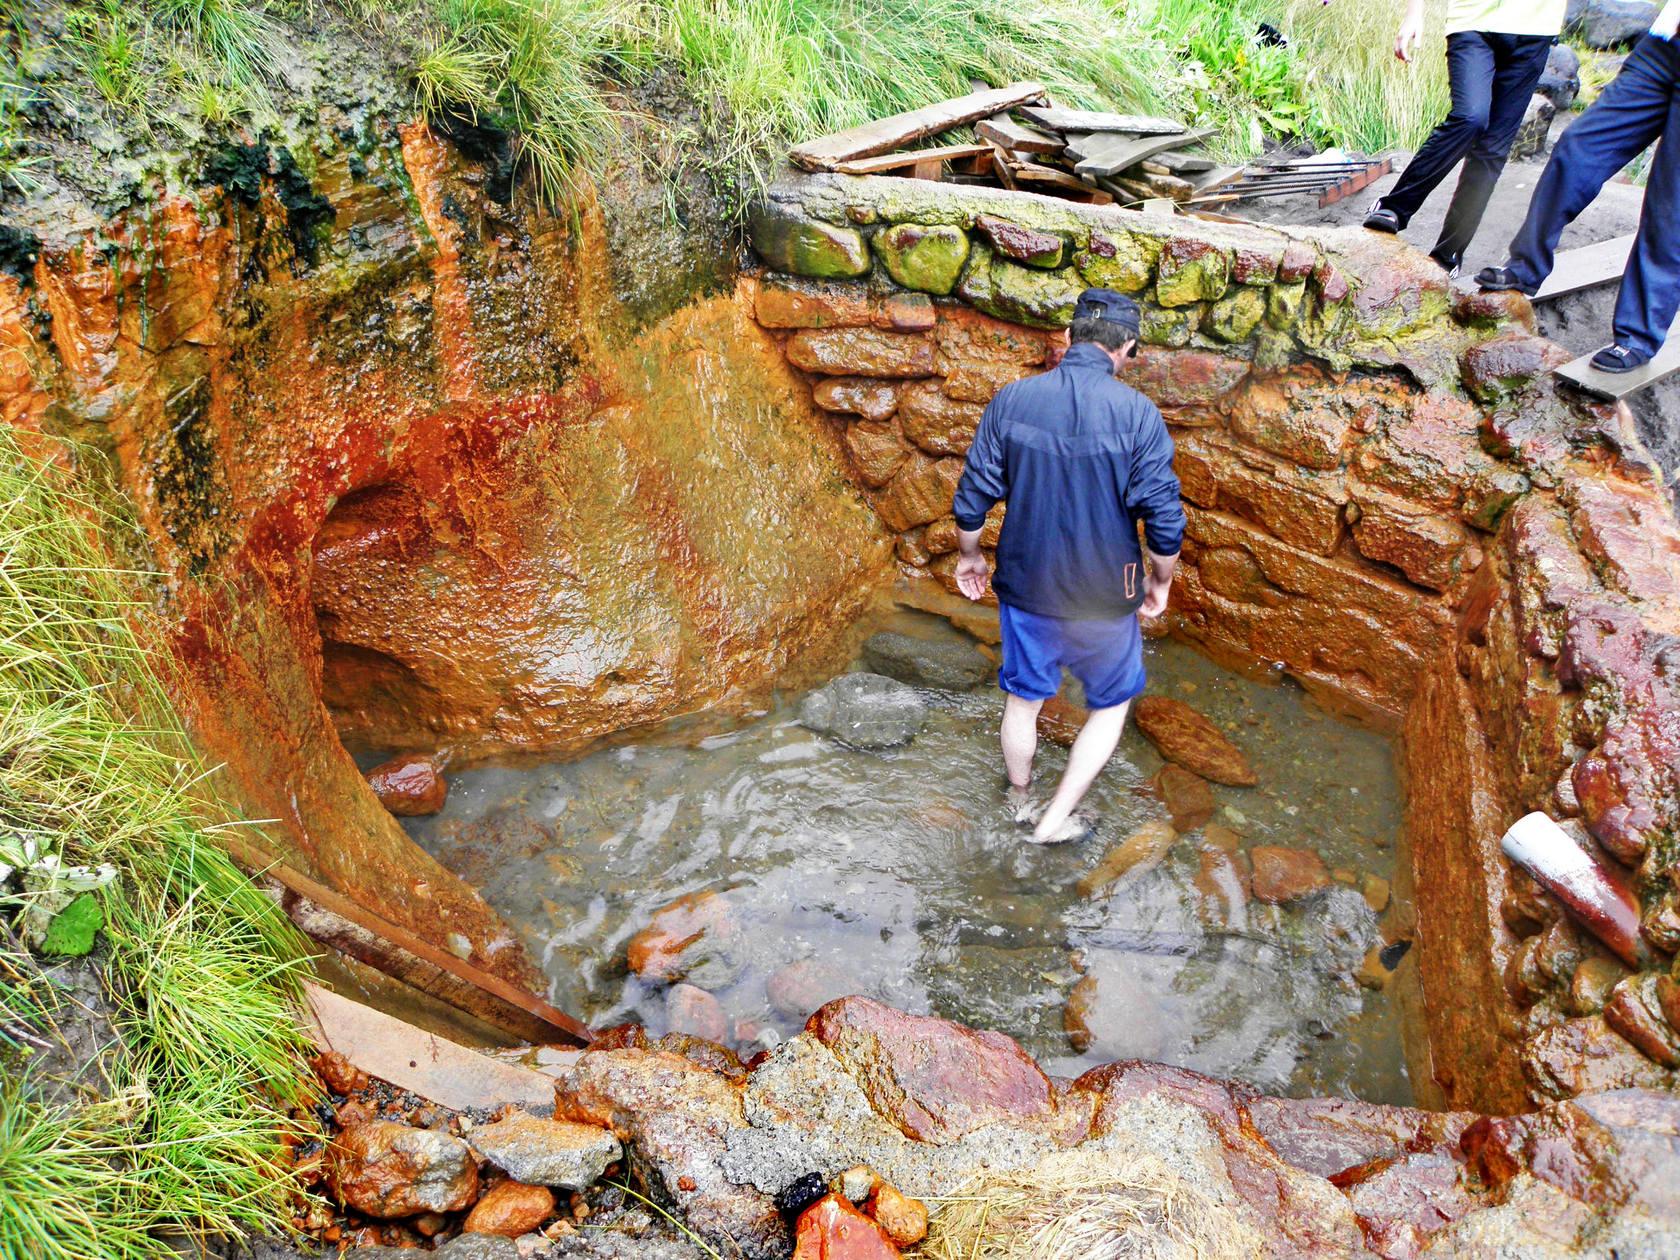 Некоторые минеральные «ванны» имеют глубину в человеческий рост